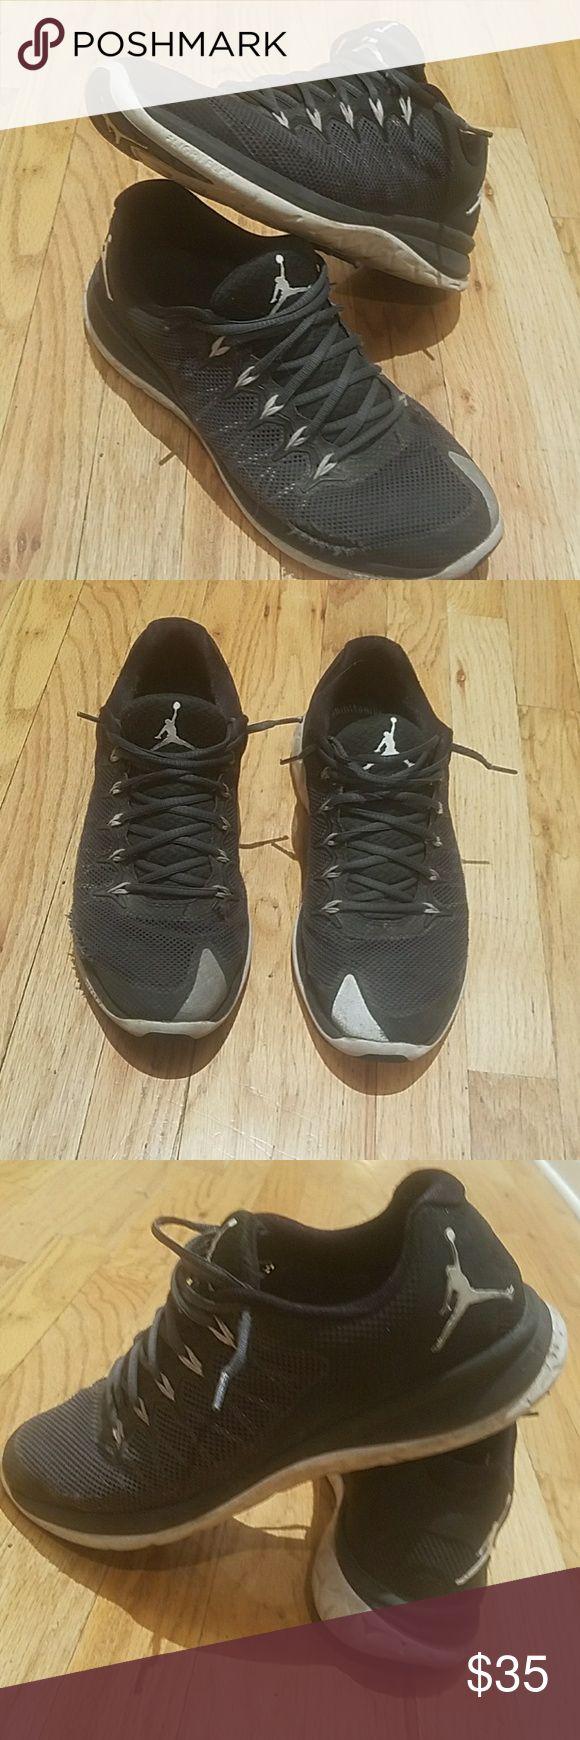 Zapatos Mujeres All Star Specialty Ox Cinnabar (Tama?o de las mujeres 8) DpEcVEY